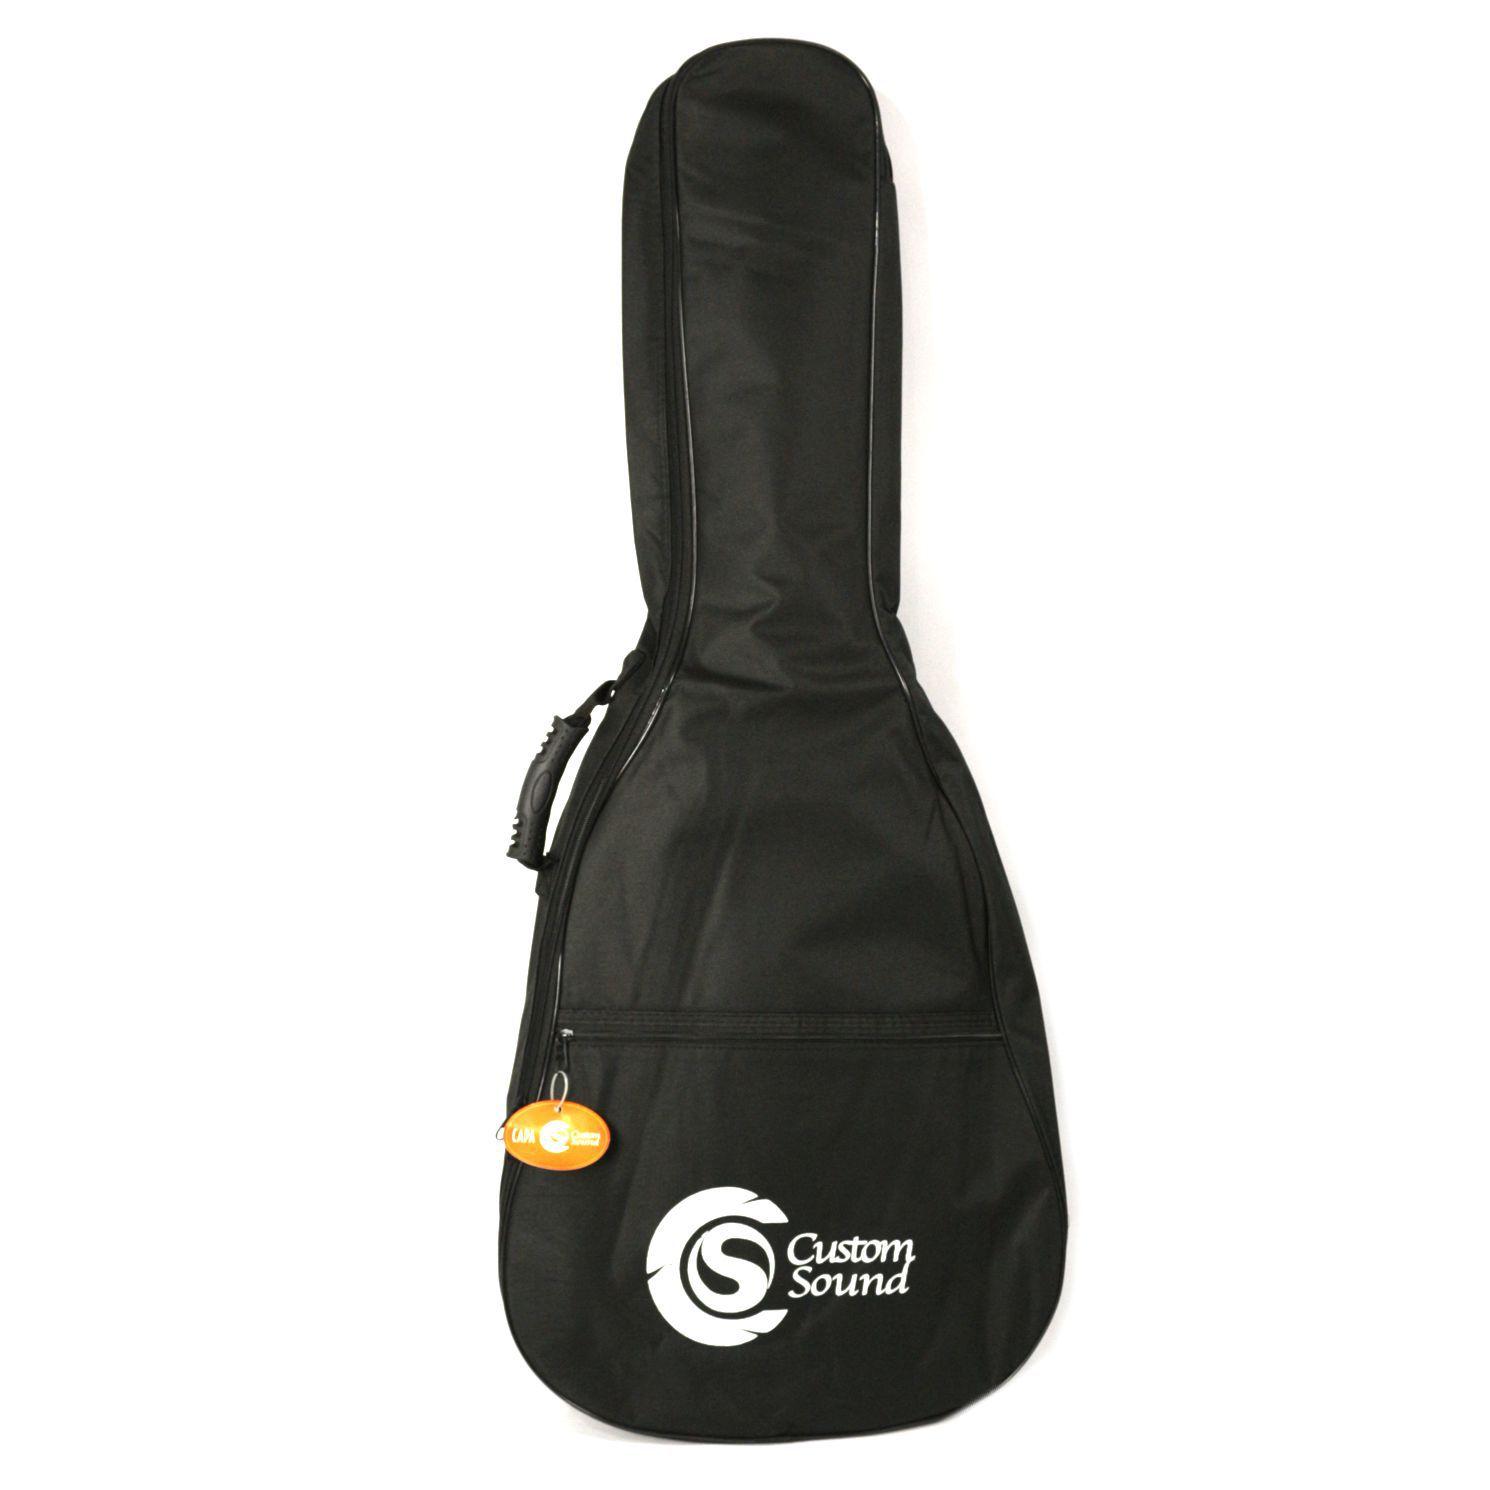 Capa Custom Sound Luxo para Violão FOLK - Preta CVF1-BK